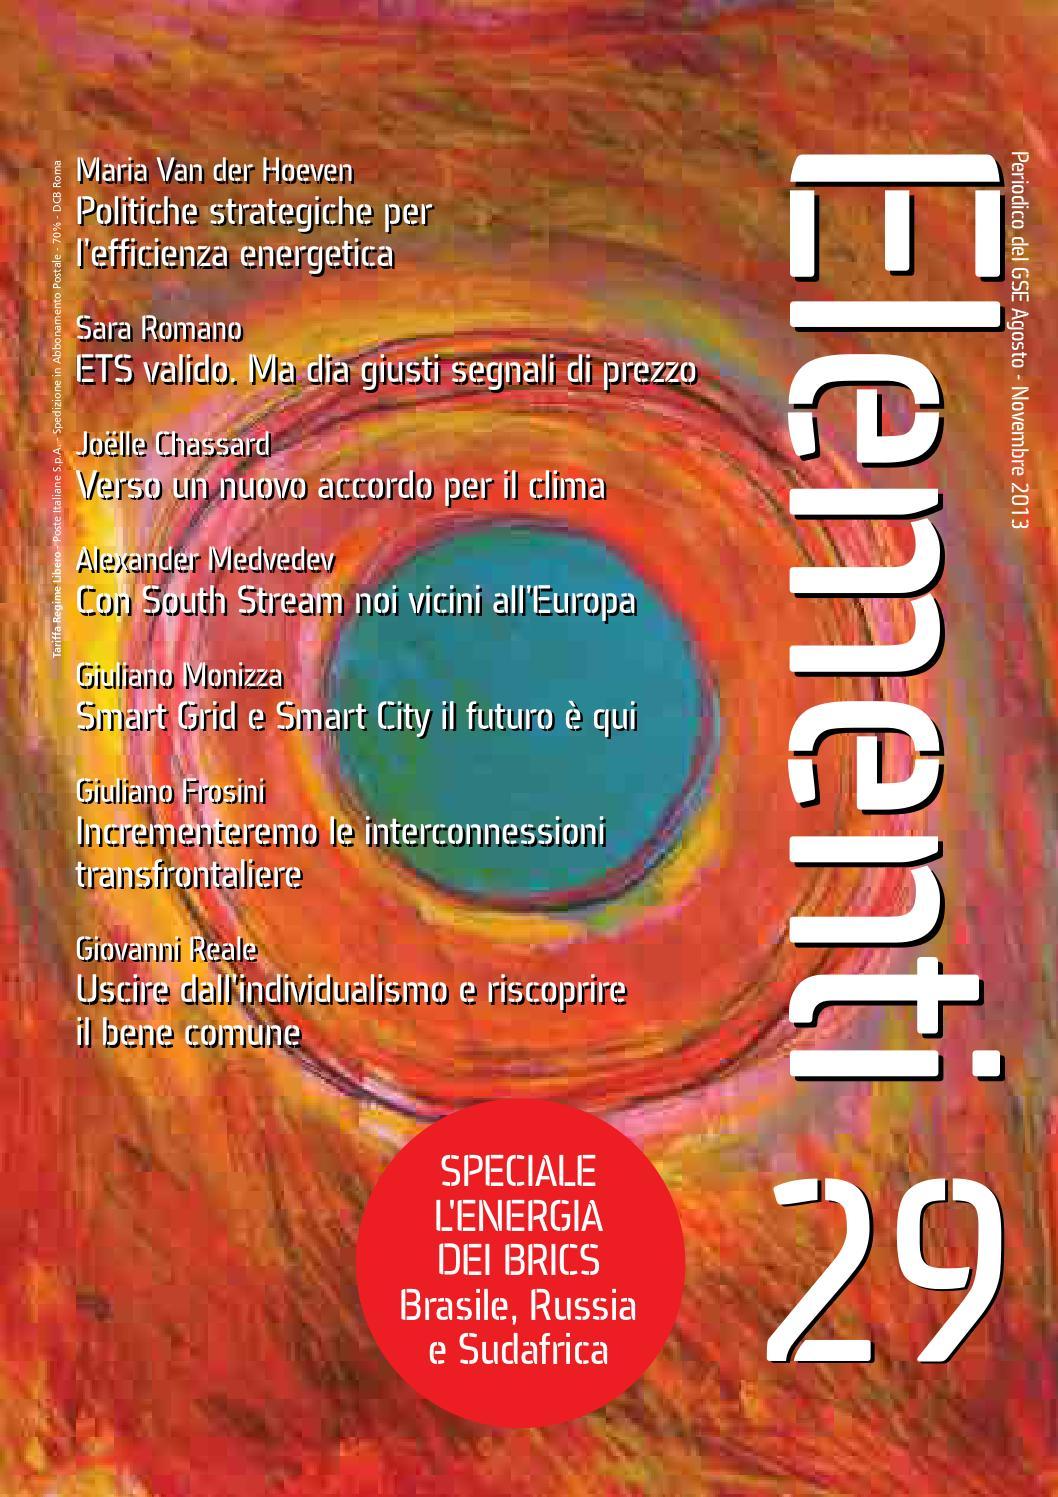 faaeca53669 Elementi 29 - Agosto 2013 - Novembre 2013 by Gestore dei Servizi Energetici  - GSE S.p.A. - issuu